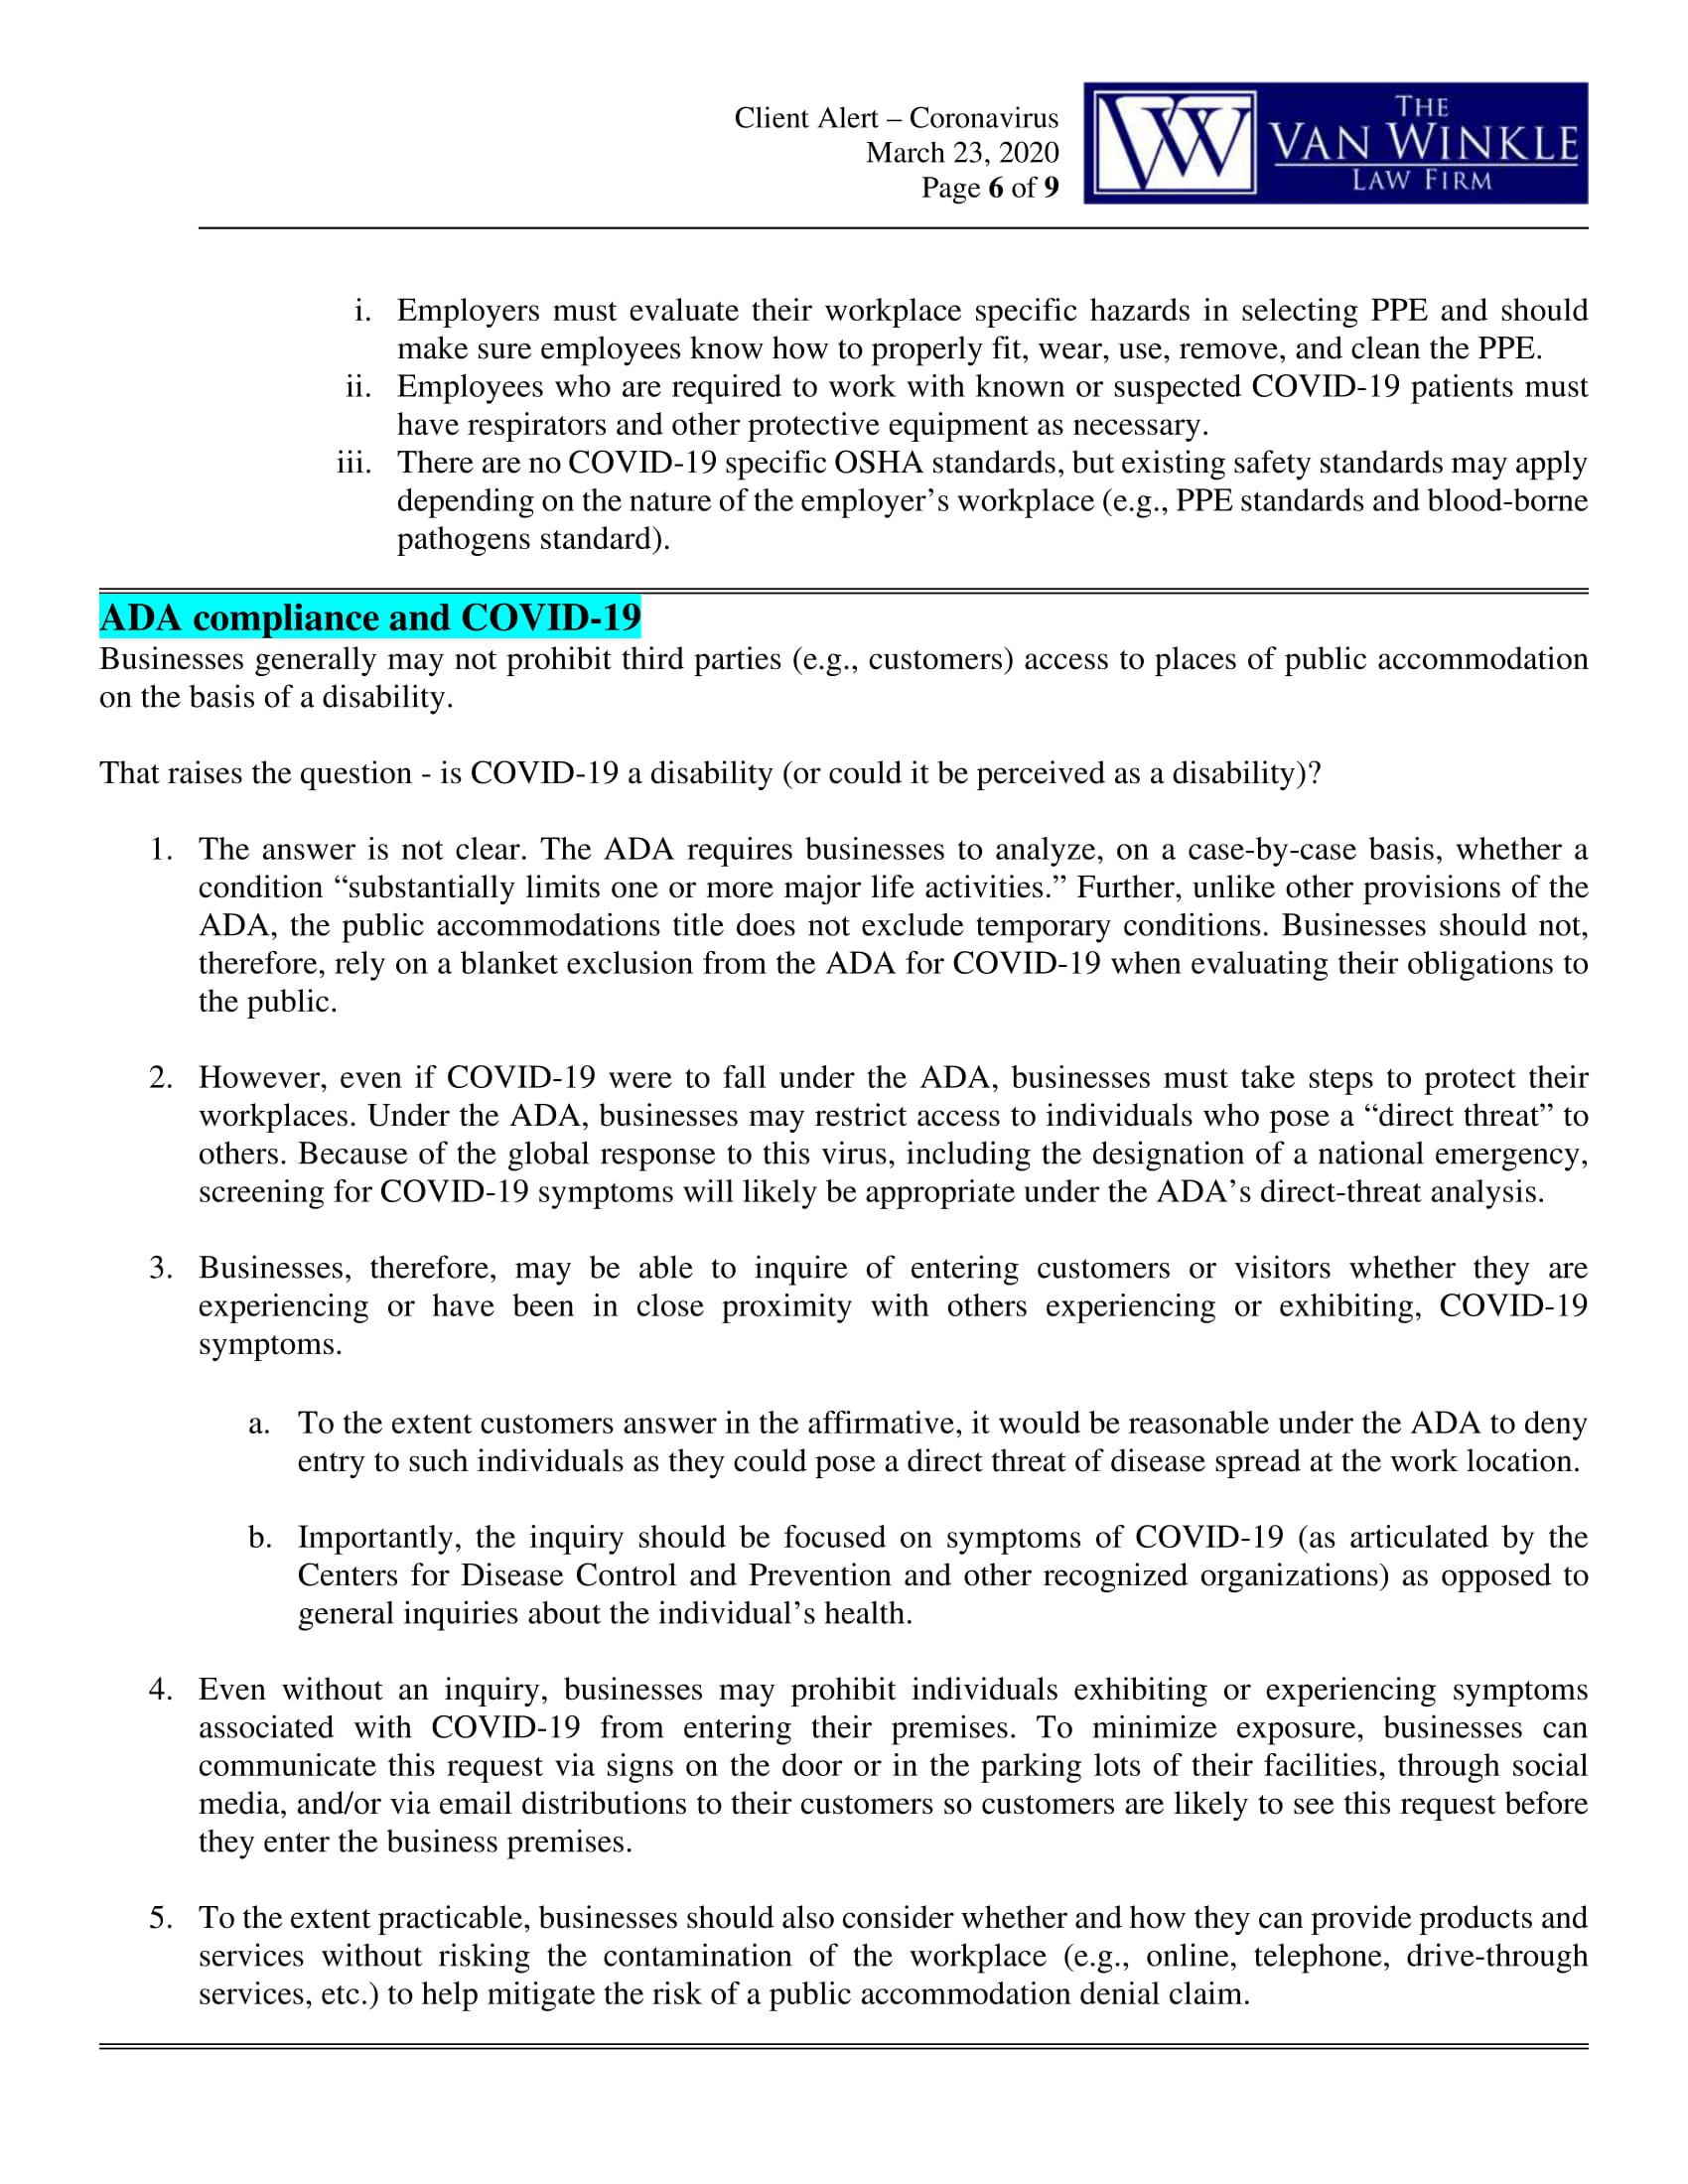 North Carolina's Executive Order Page 6